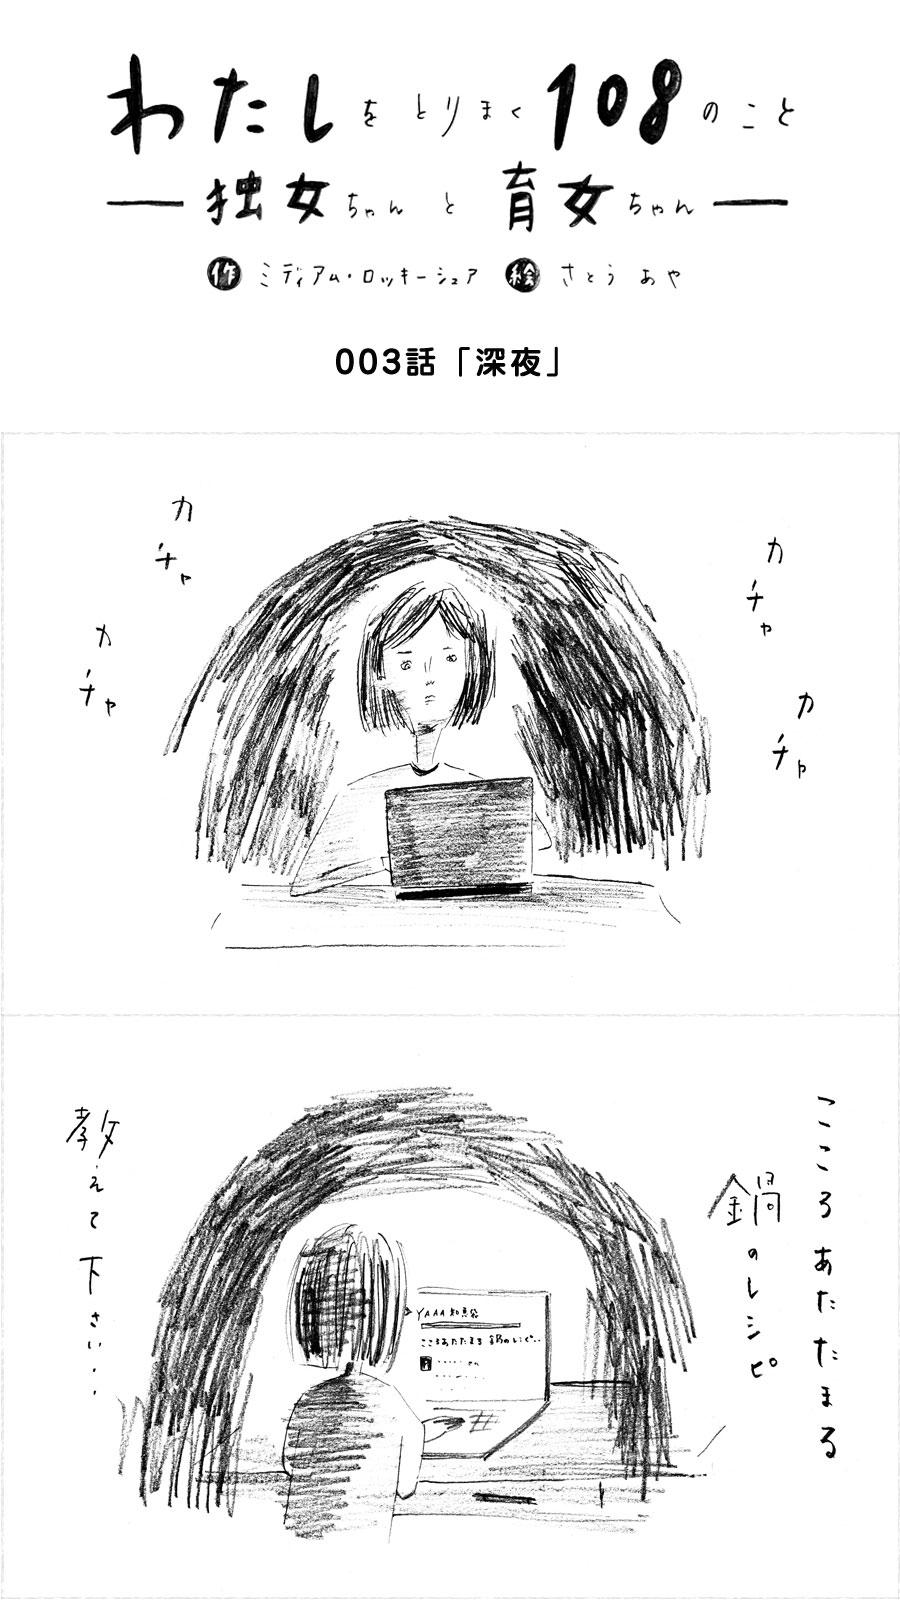 003_独女ちゃん_深夜_100